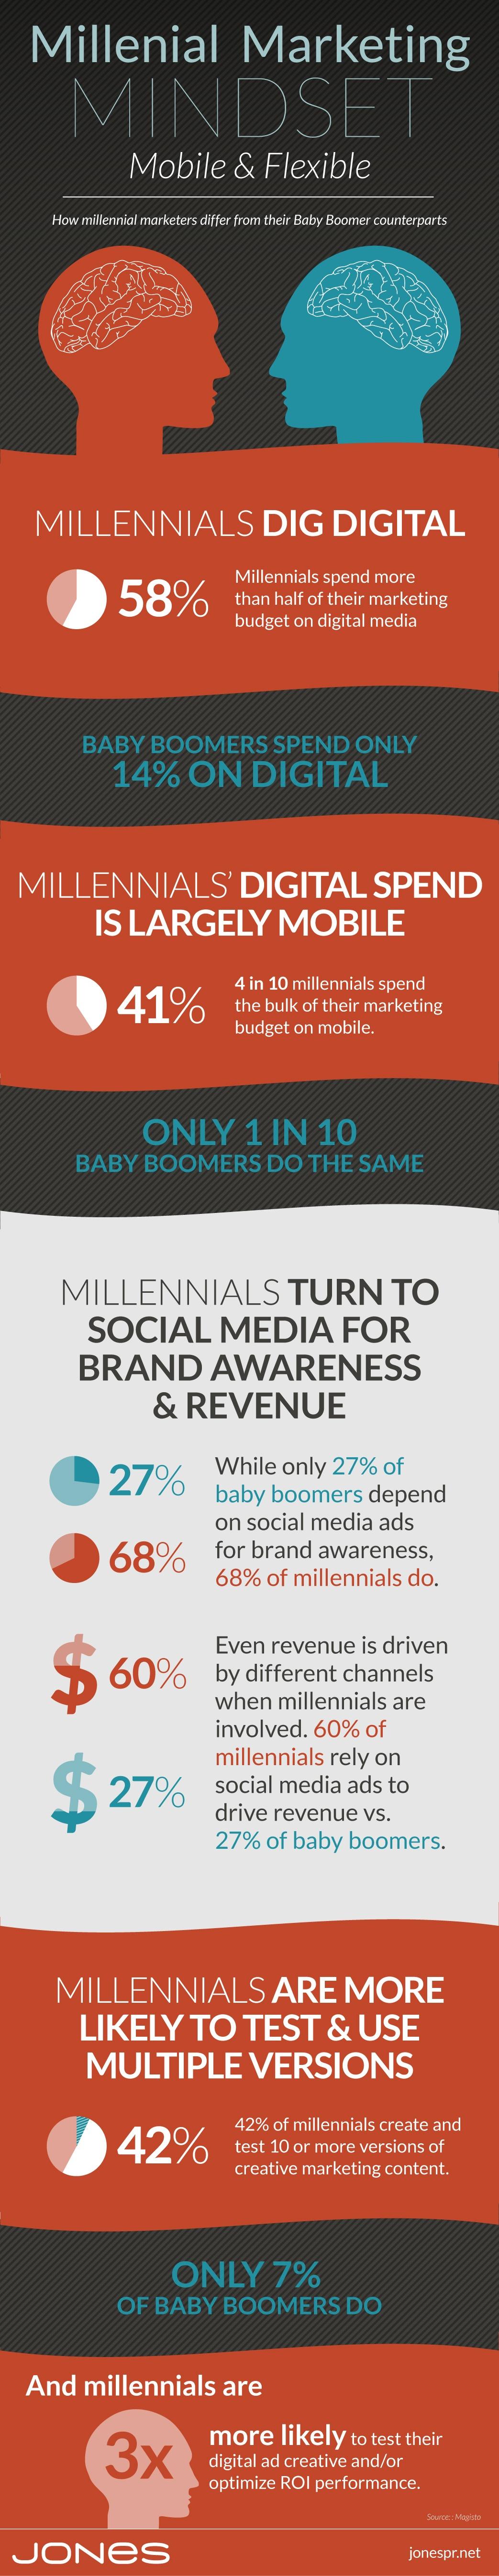 jones-infographic-millennial-marketing-mindset